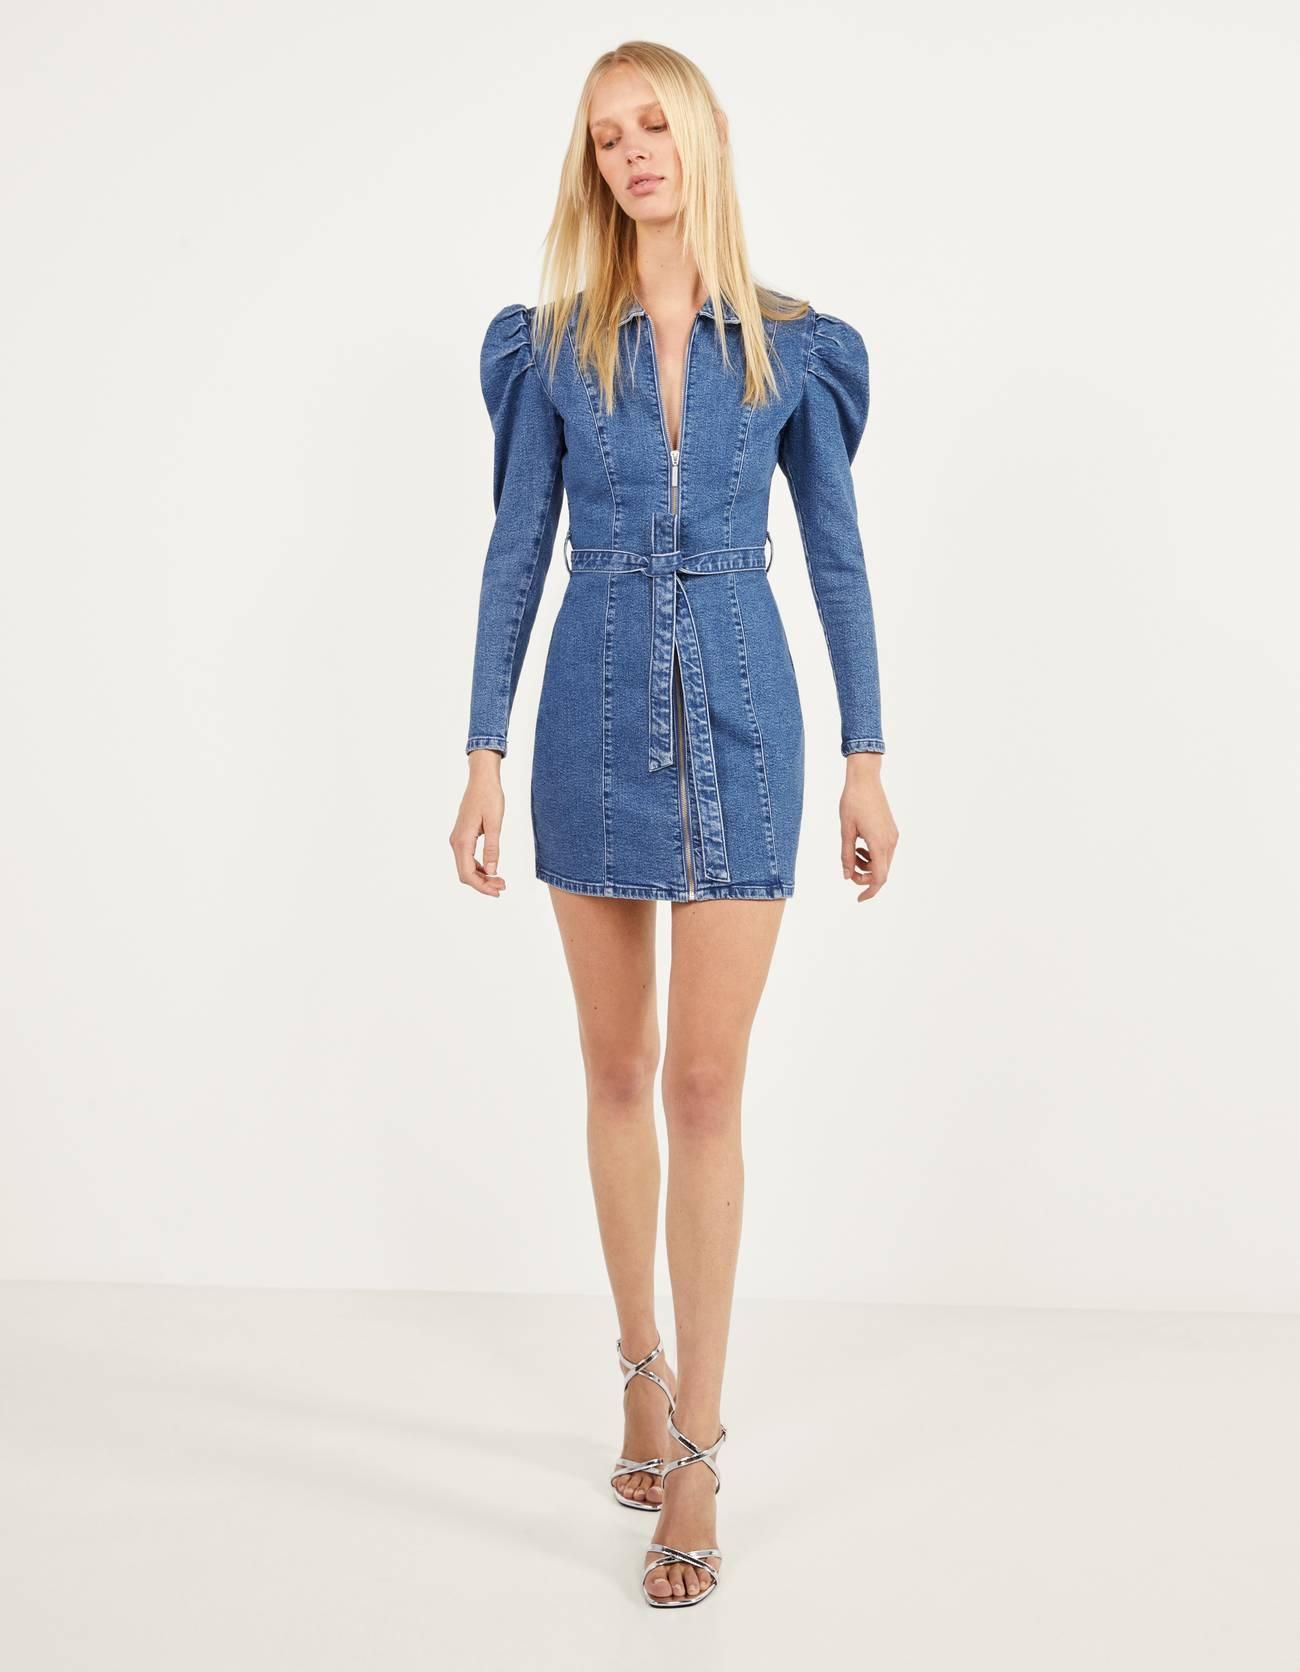 Джинсовое платье с молнией Синий застиранный Bershka